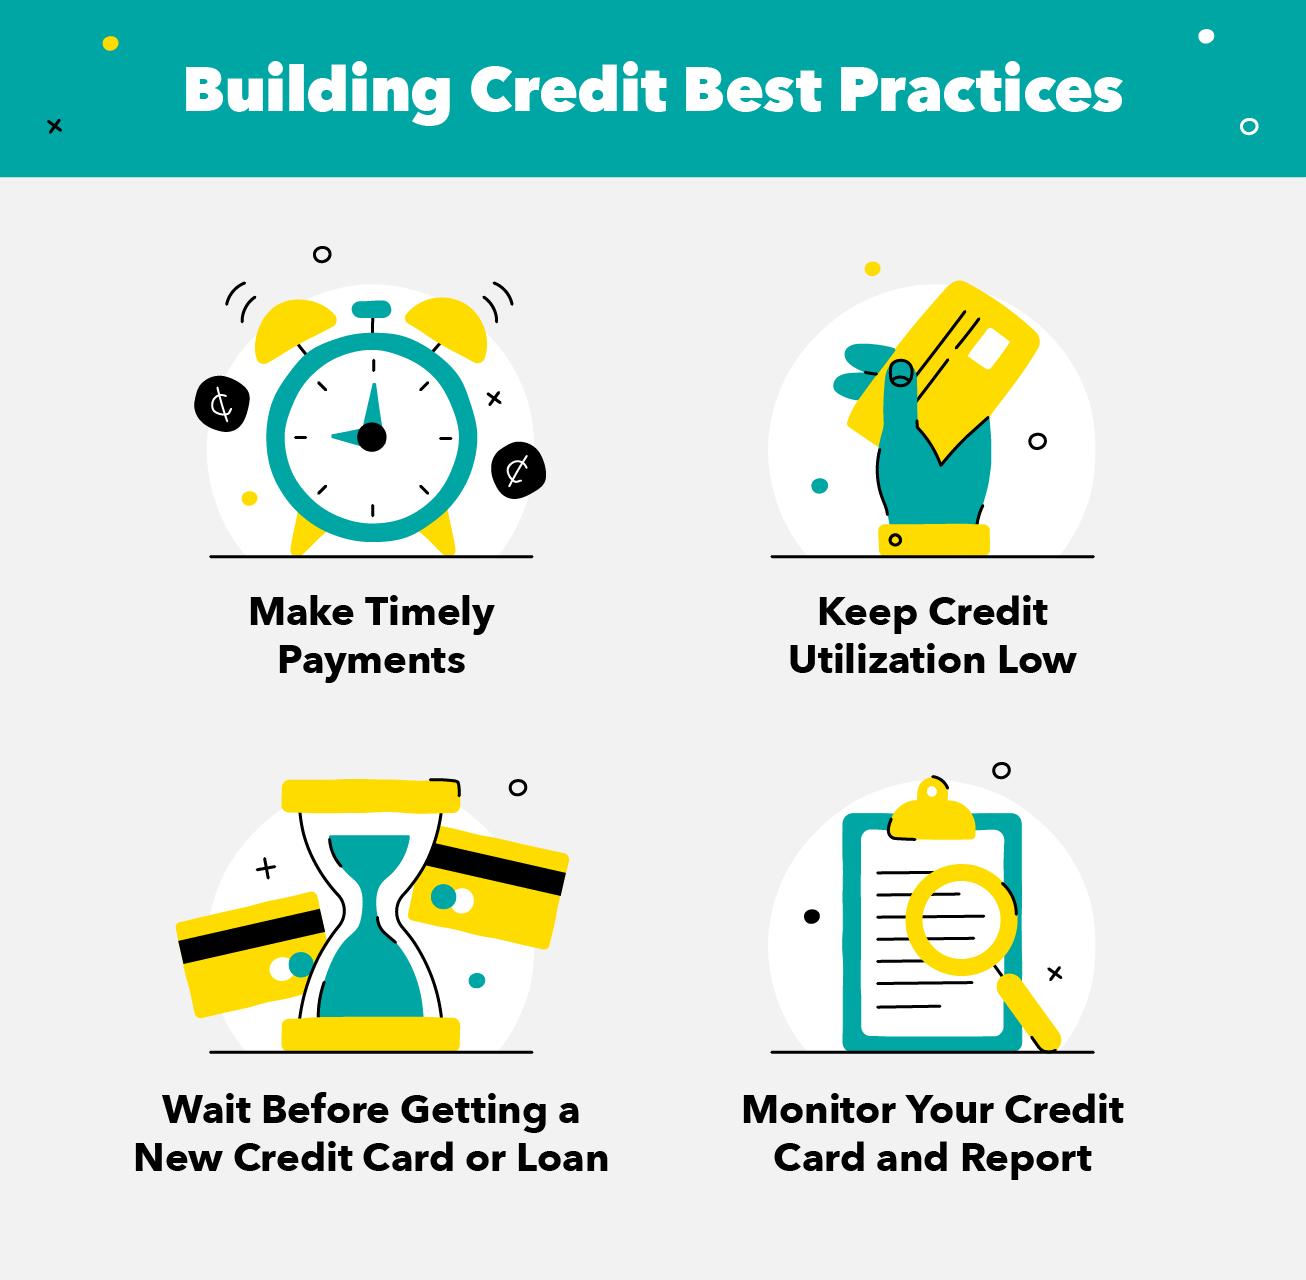 Buildig Credit Best Practices